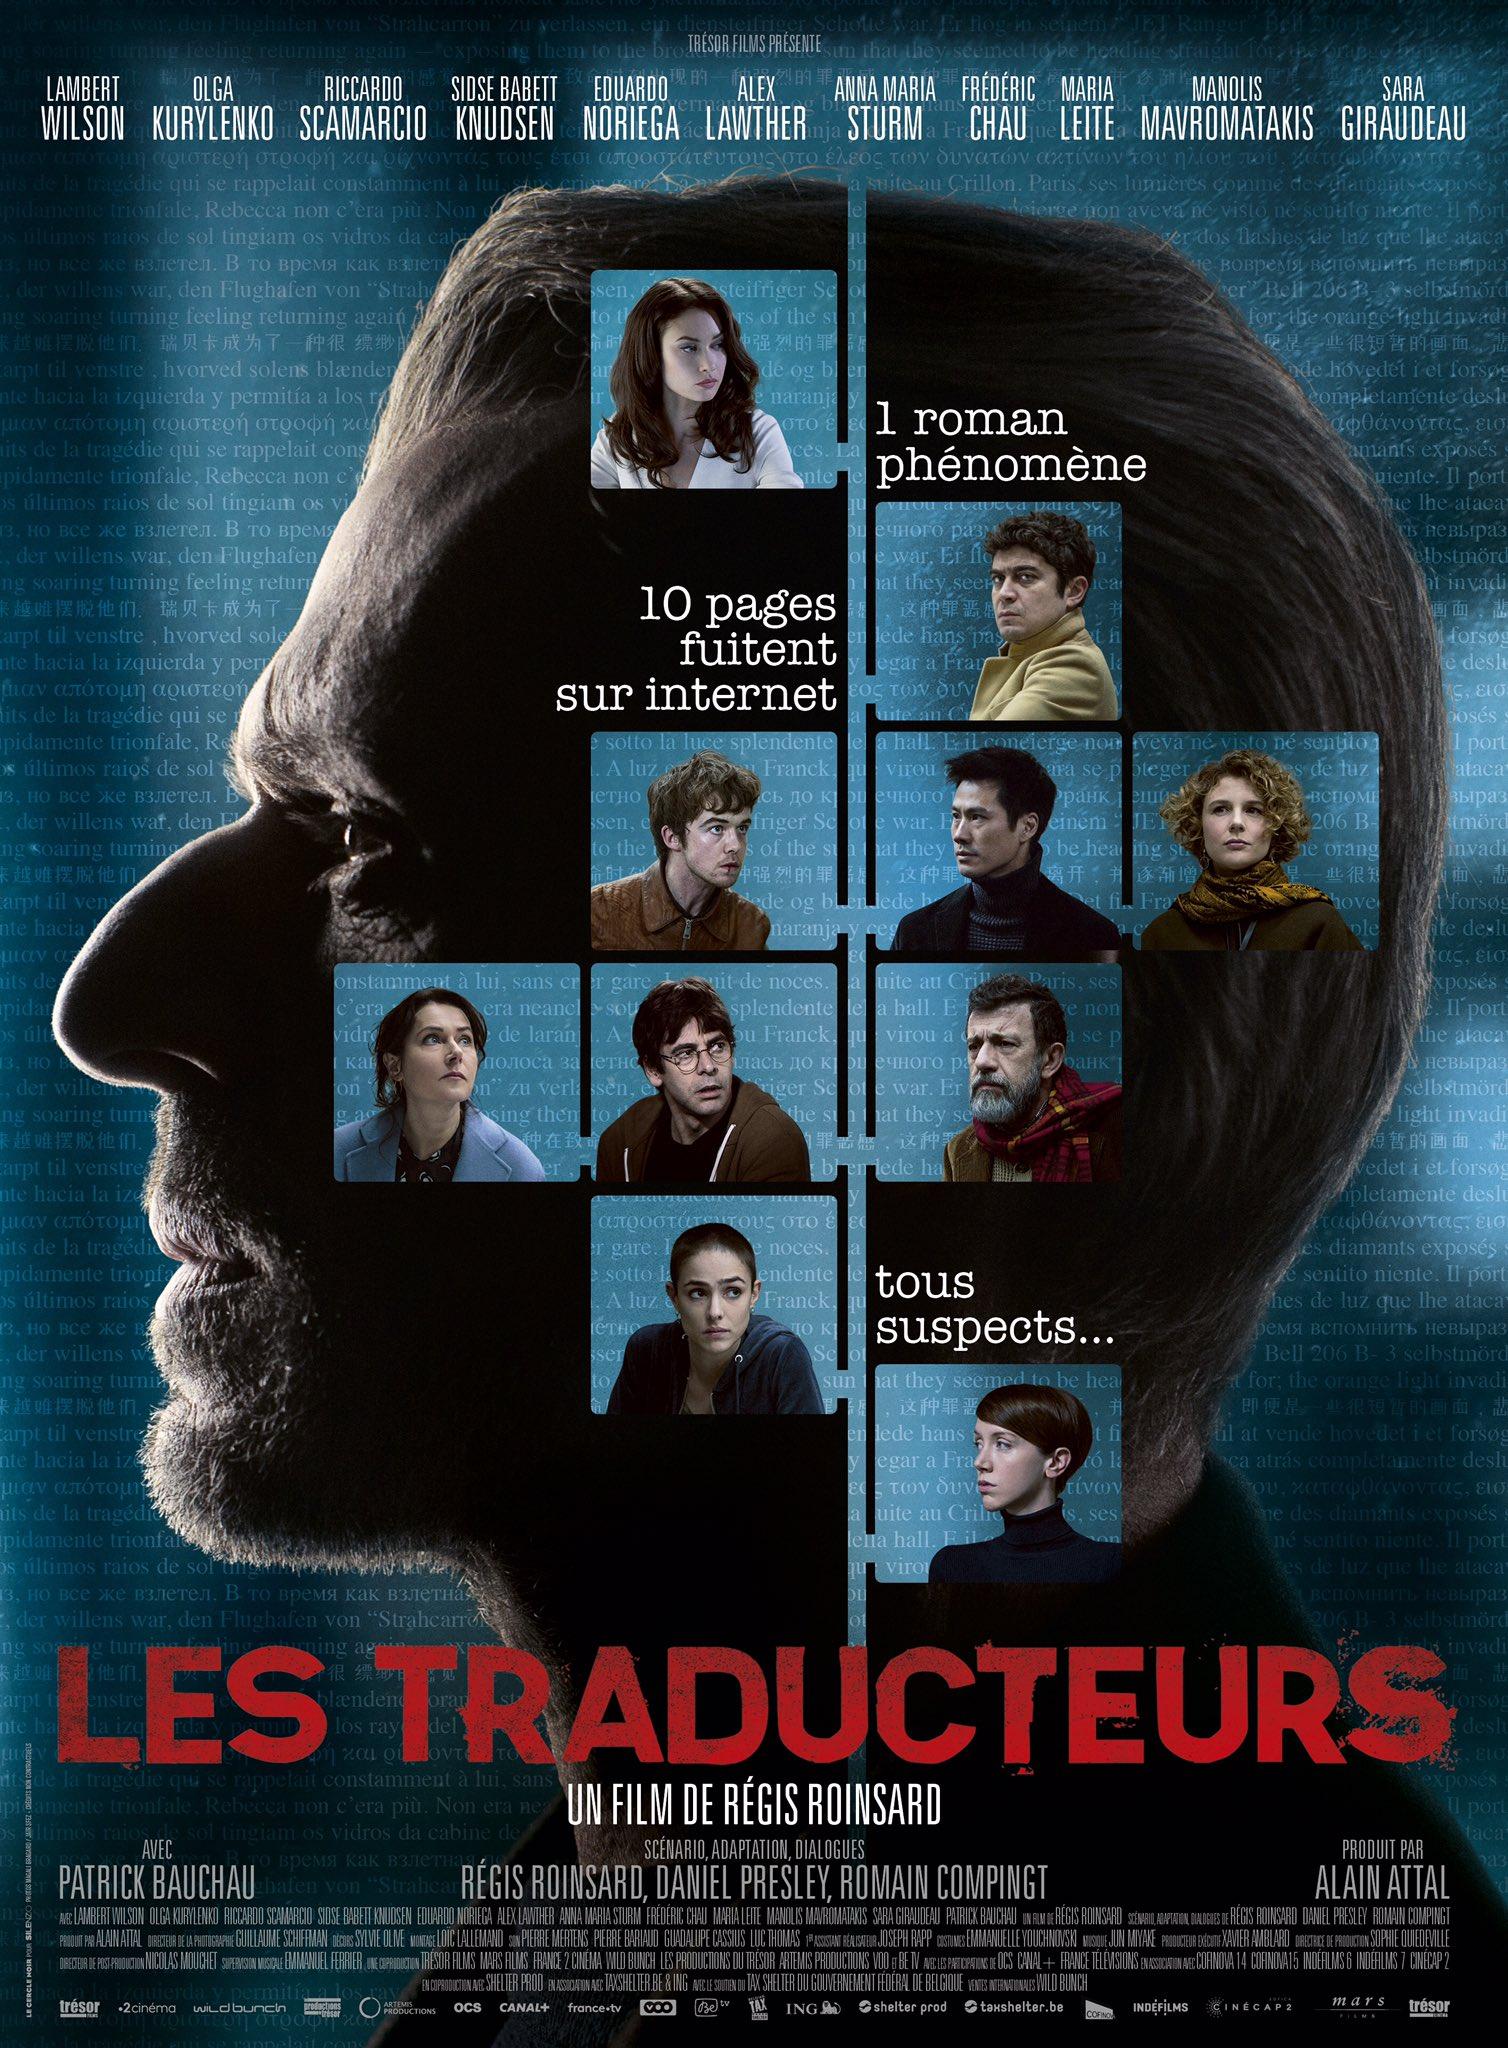 affiche du film Les Traducteurs